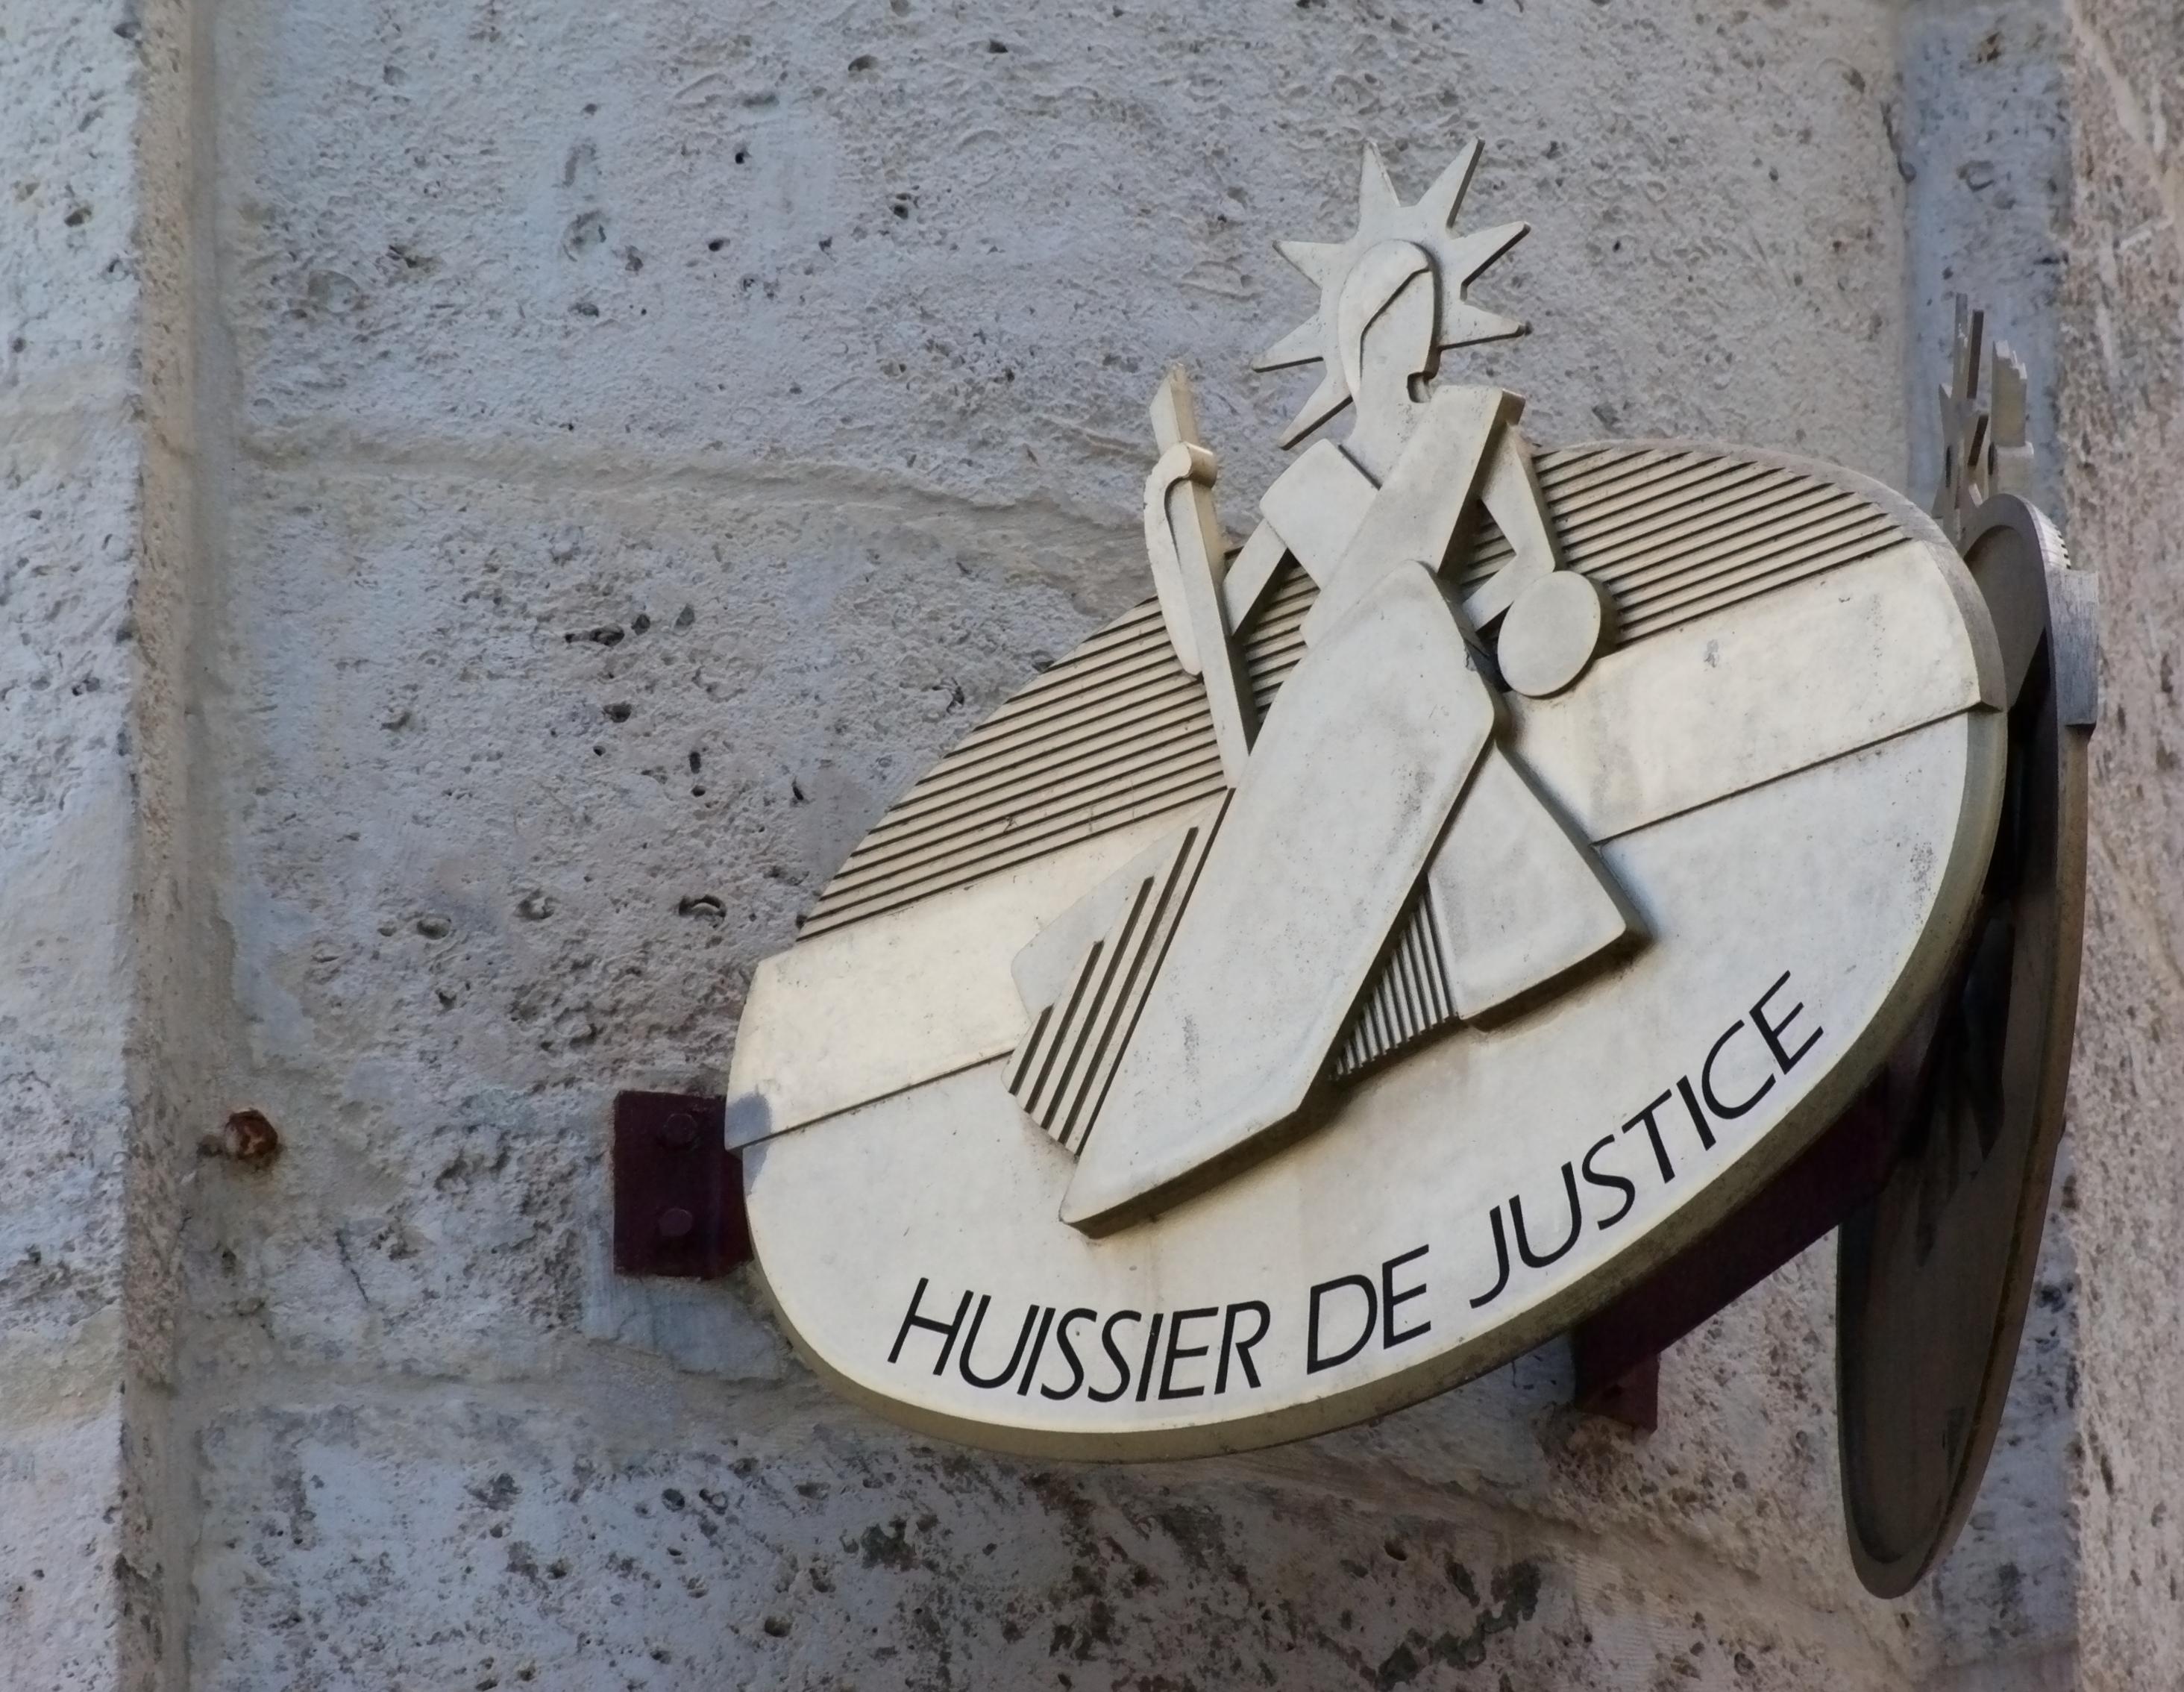 huissier de justice sign